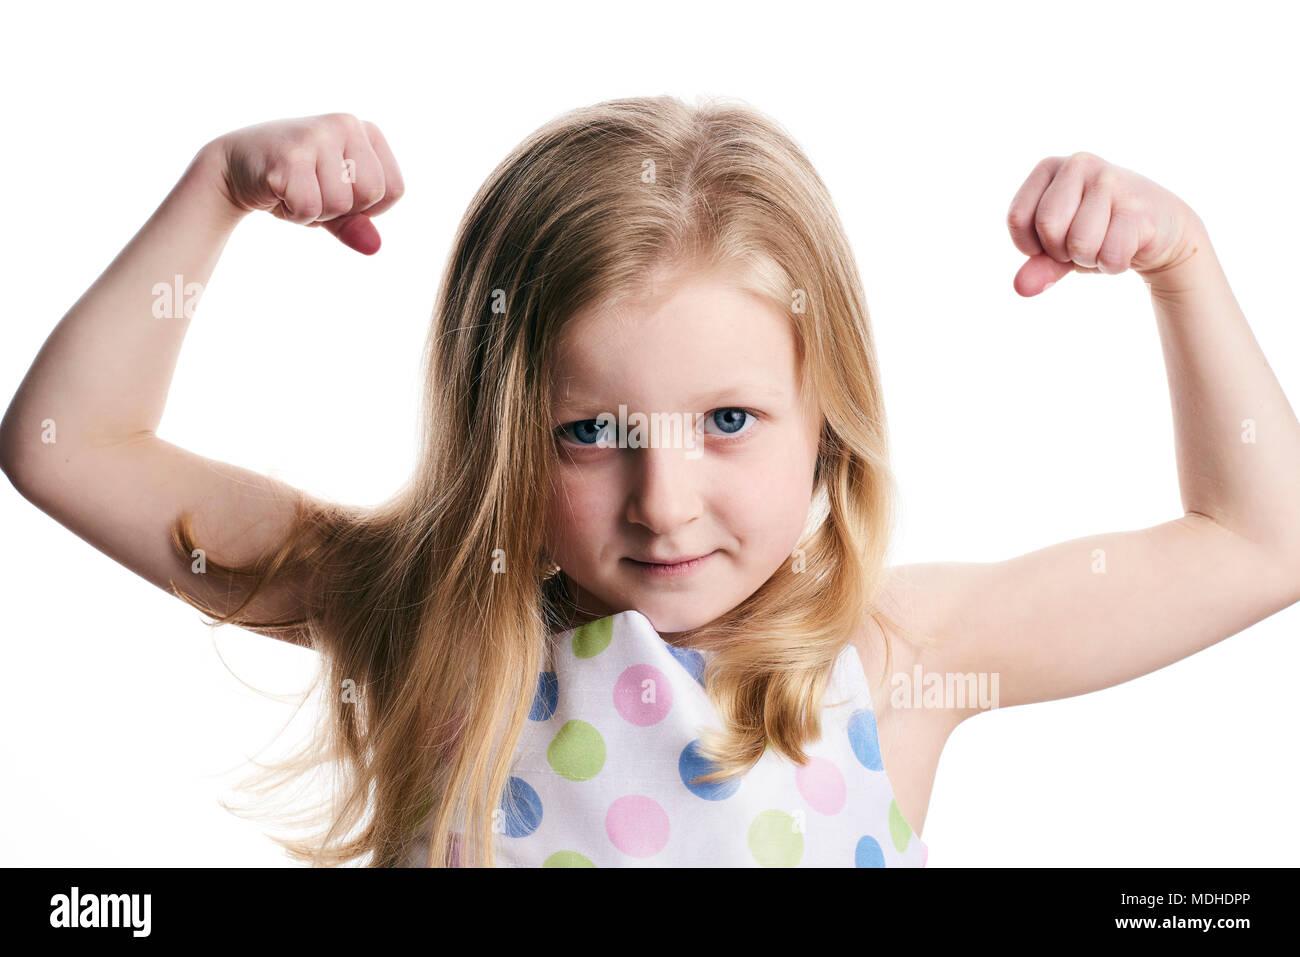 Una chica joven con el pelo rubio muestra sus músculos sobre un fondo blanco. Imagen De Stock